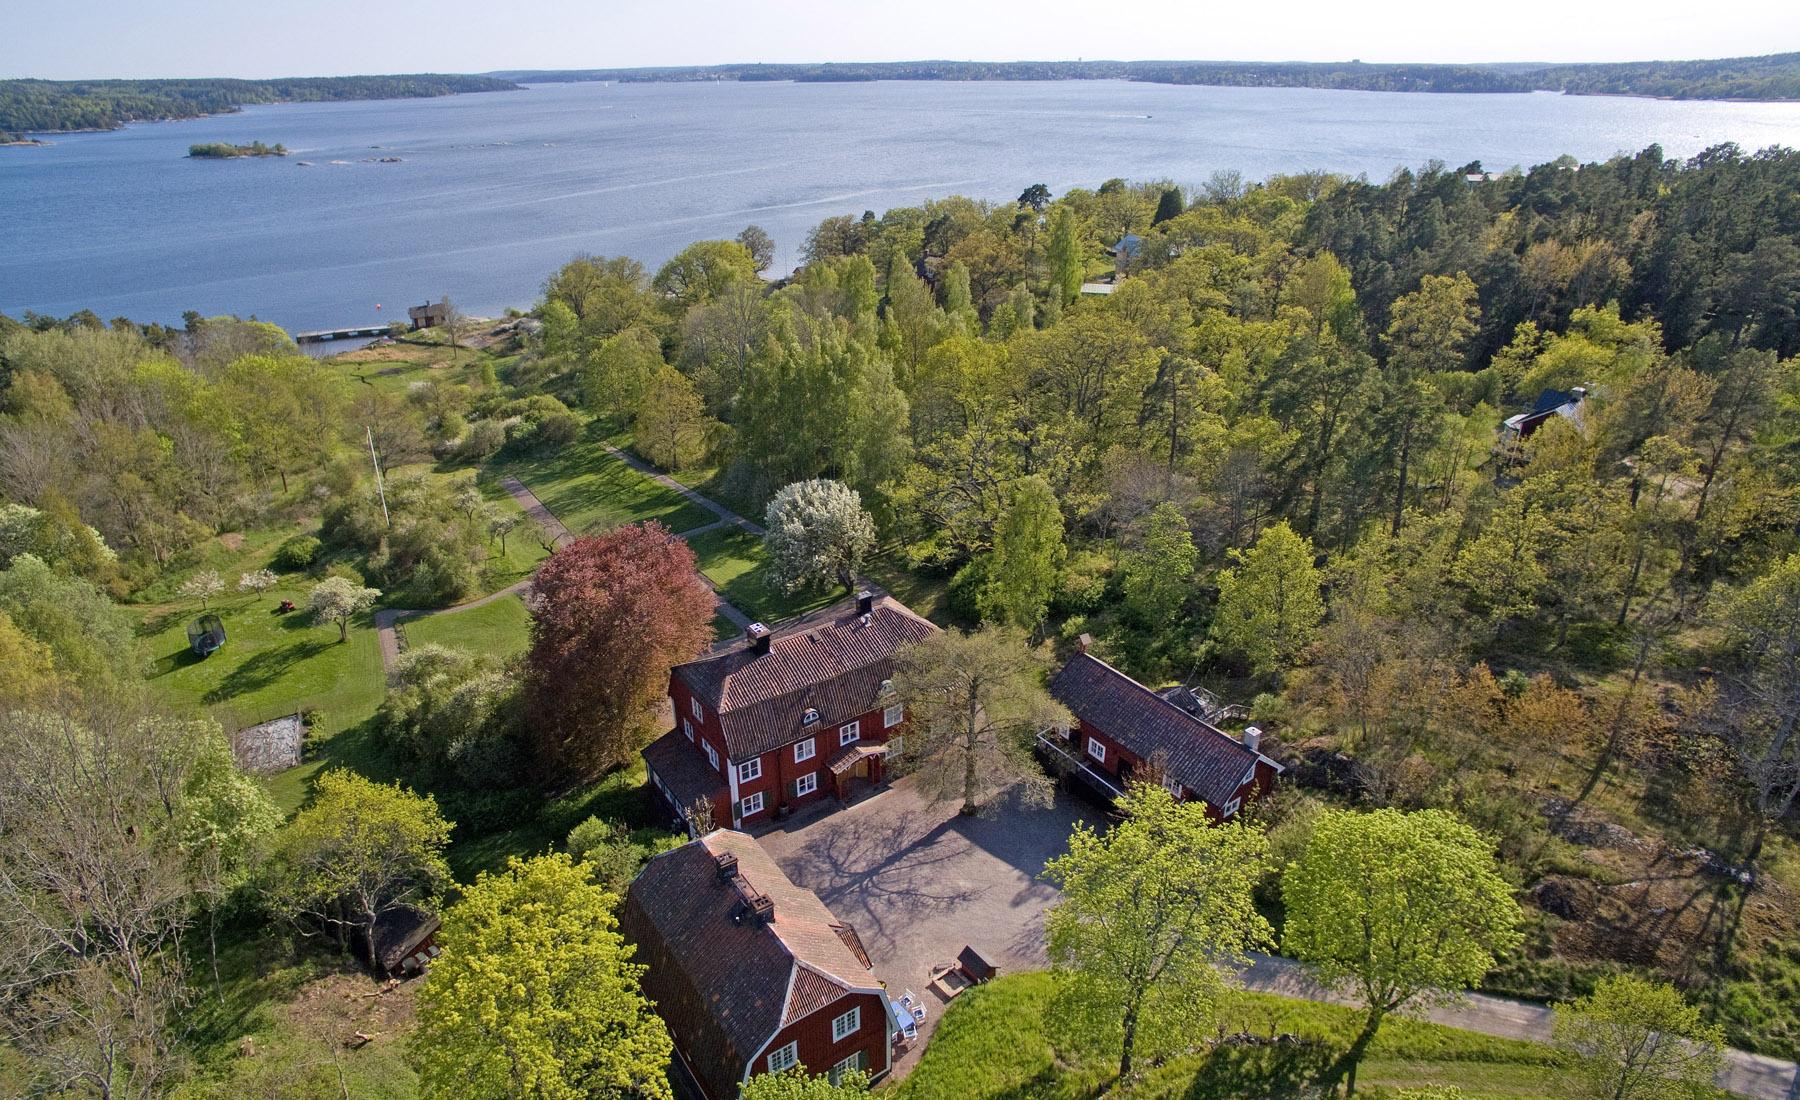 단독 가정 주택 용 매매 에 Outstanding 40 hectare property with a long shoreline Other Stockholm, Stockholm, 스웨덴